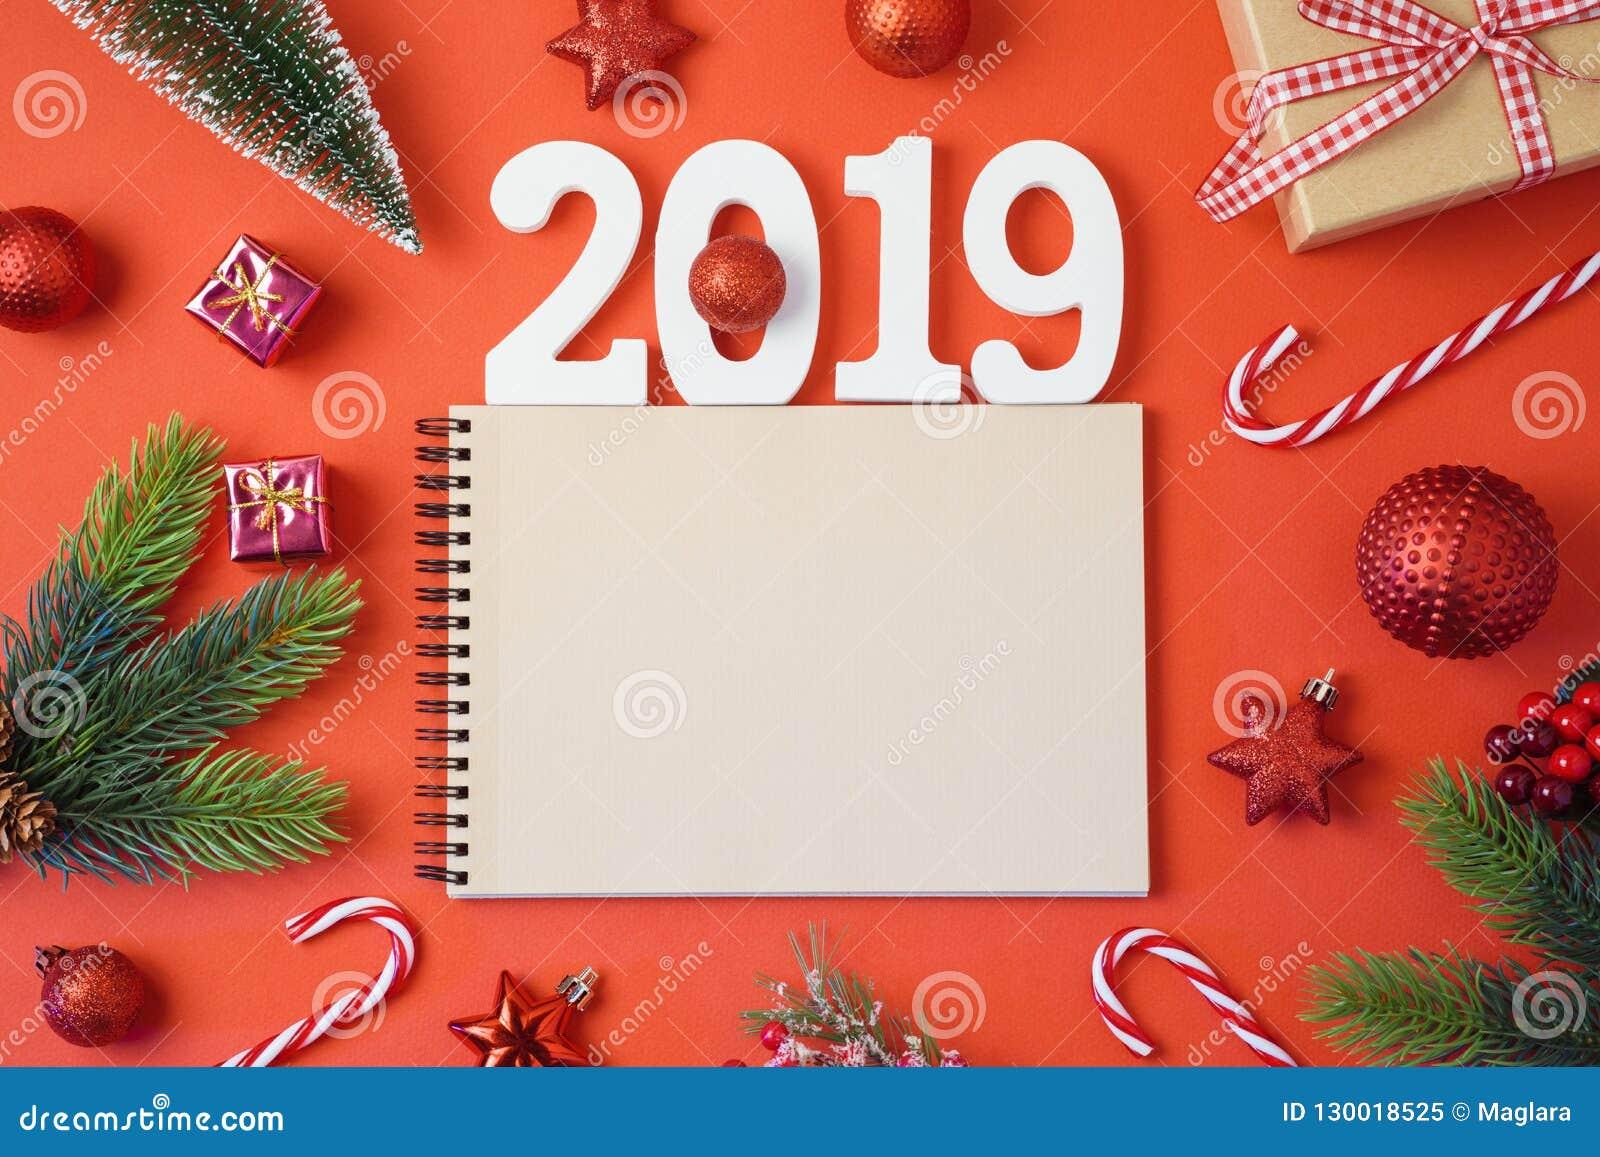 Weihnachtsfeiertagshintergrund mit Notizbuch, 2019 neuem Jahr und De